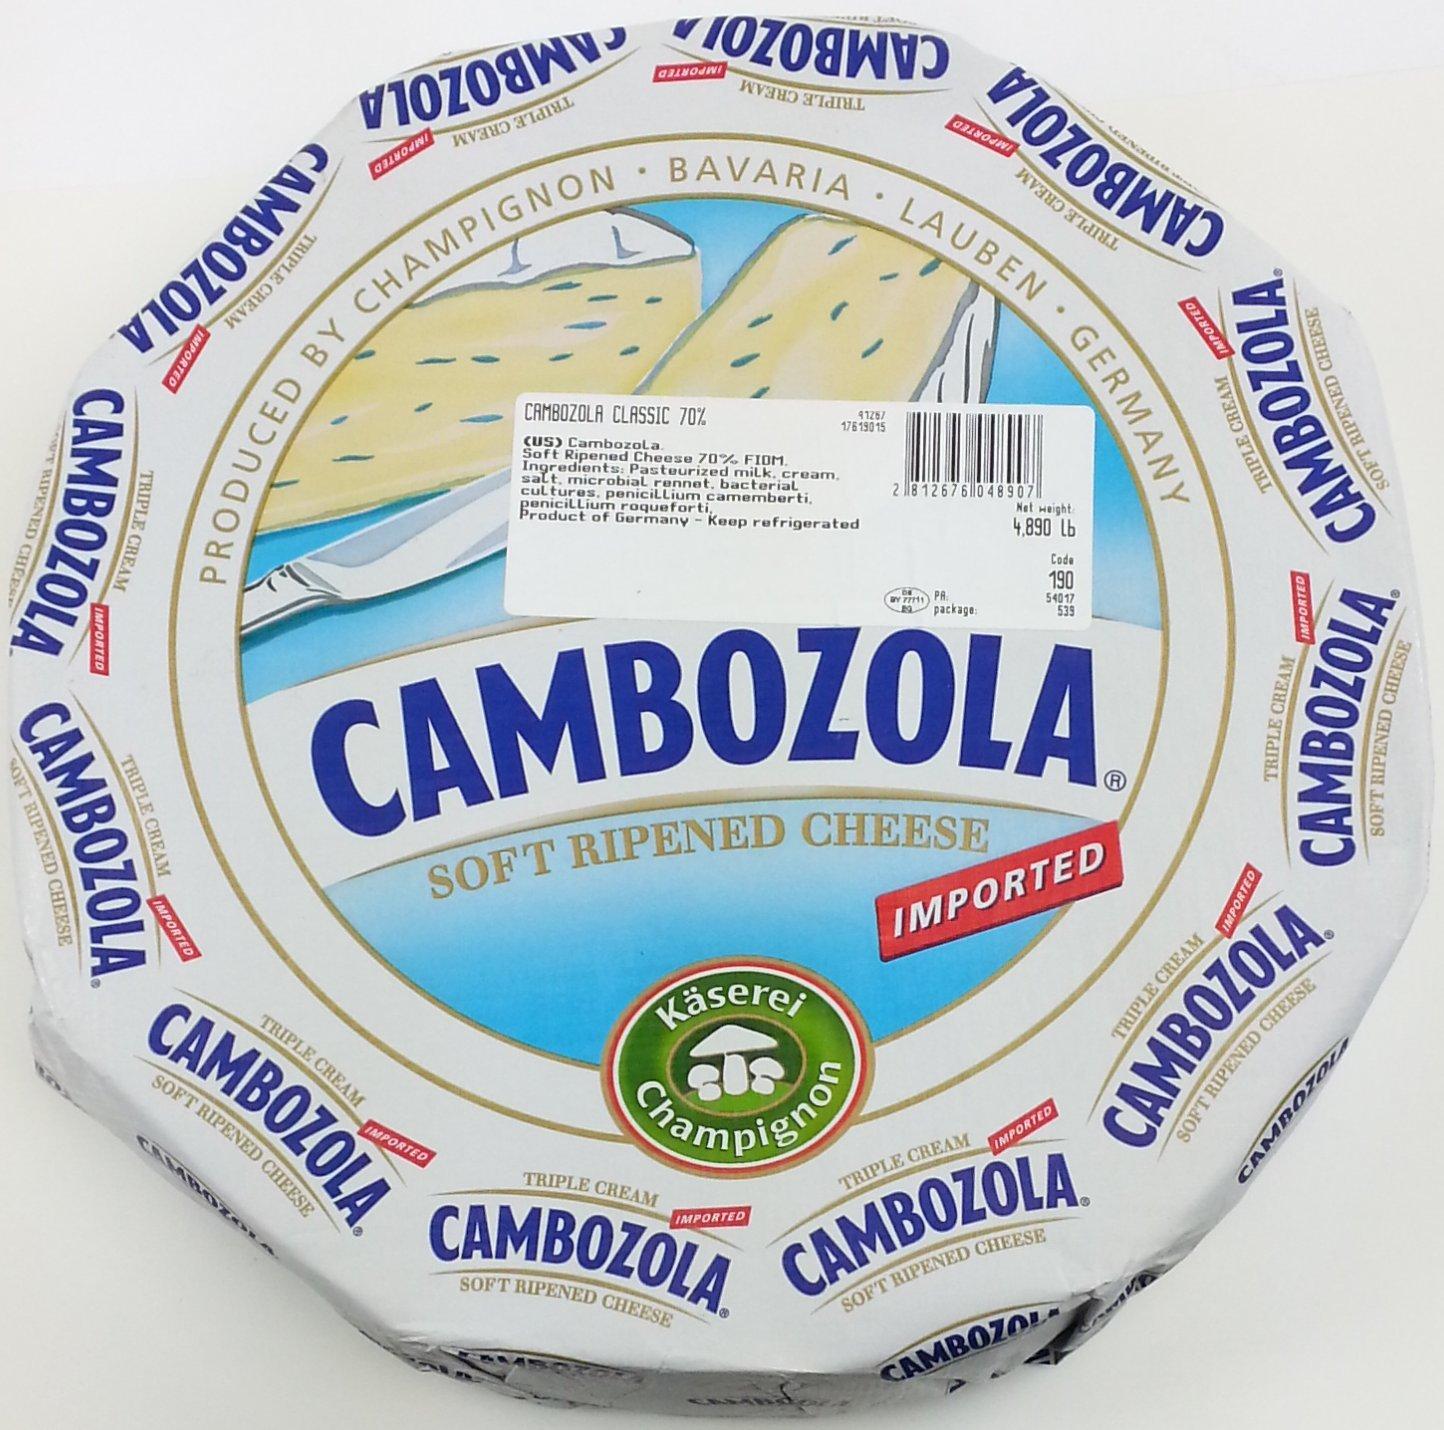 Kaserei Champignon, Cambozola Cheese (2x1 pound)